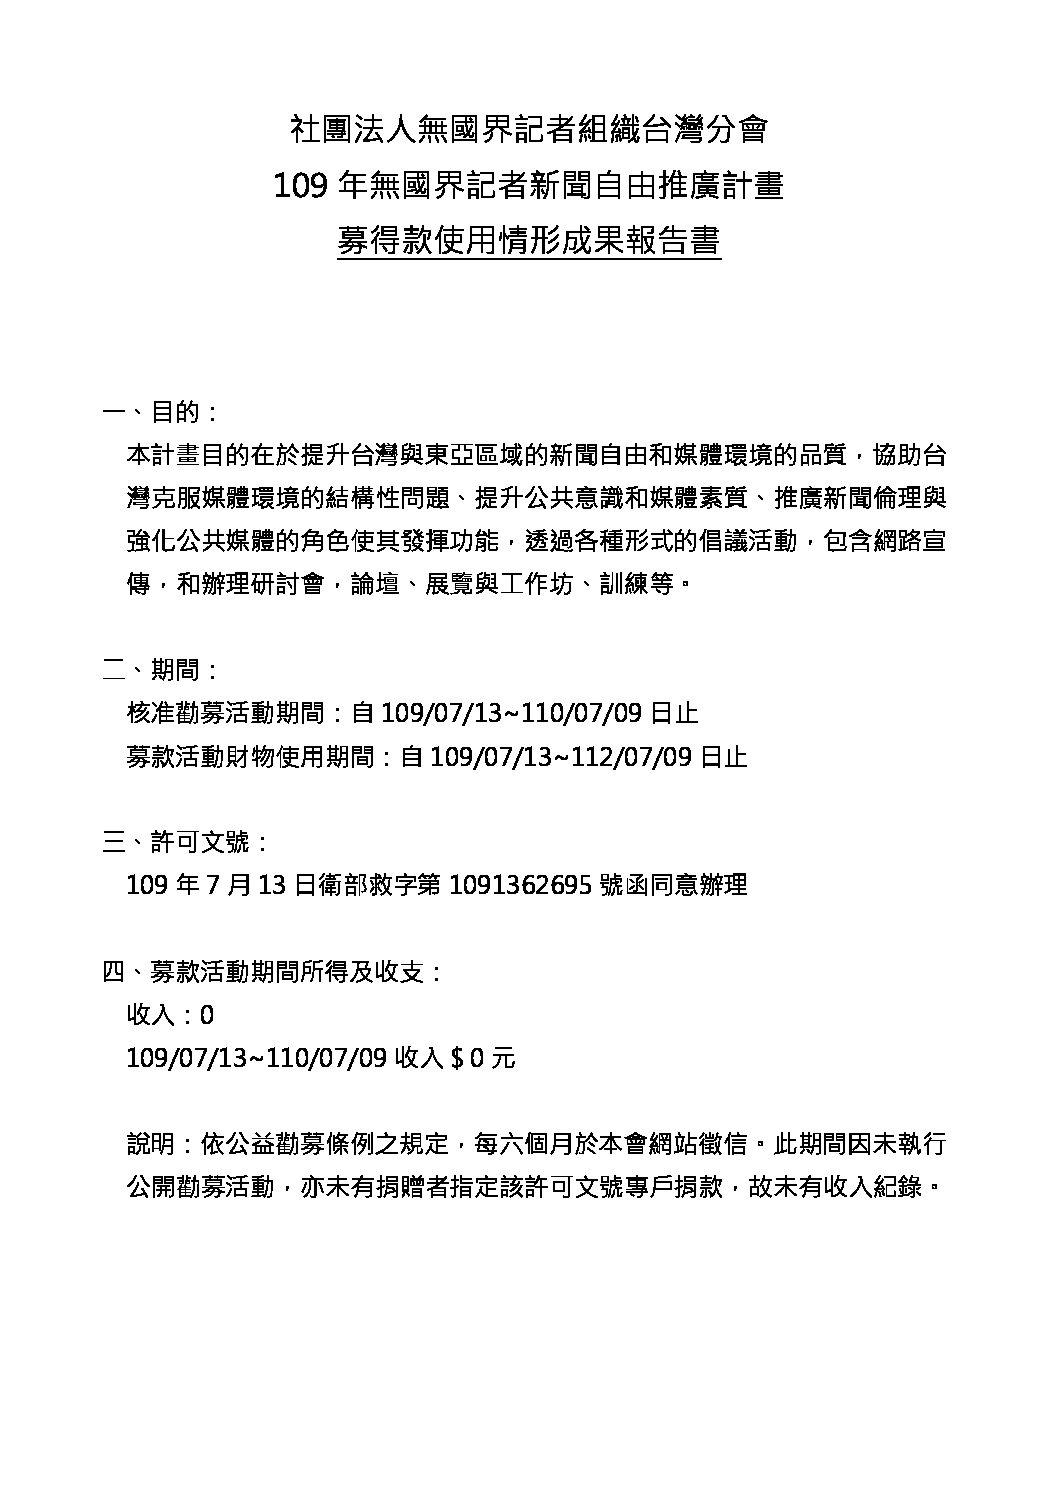 Permalink to: 109年無國界記者新聞自由推廣計畫募得款使用情形成果報告書二